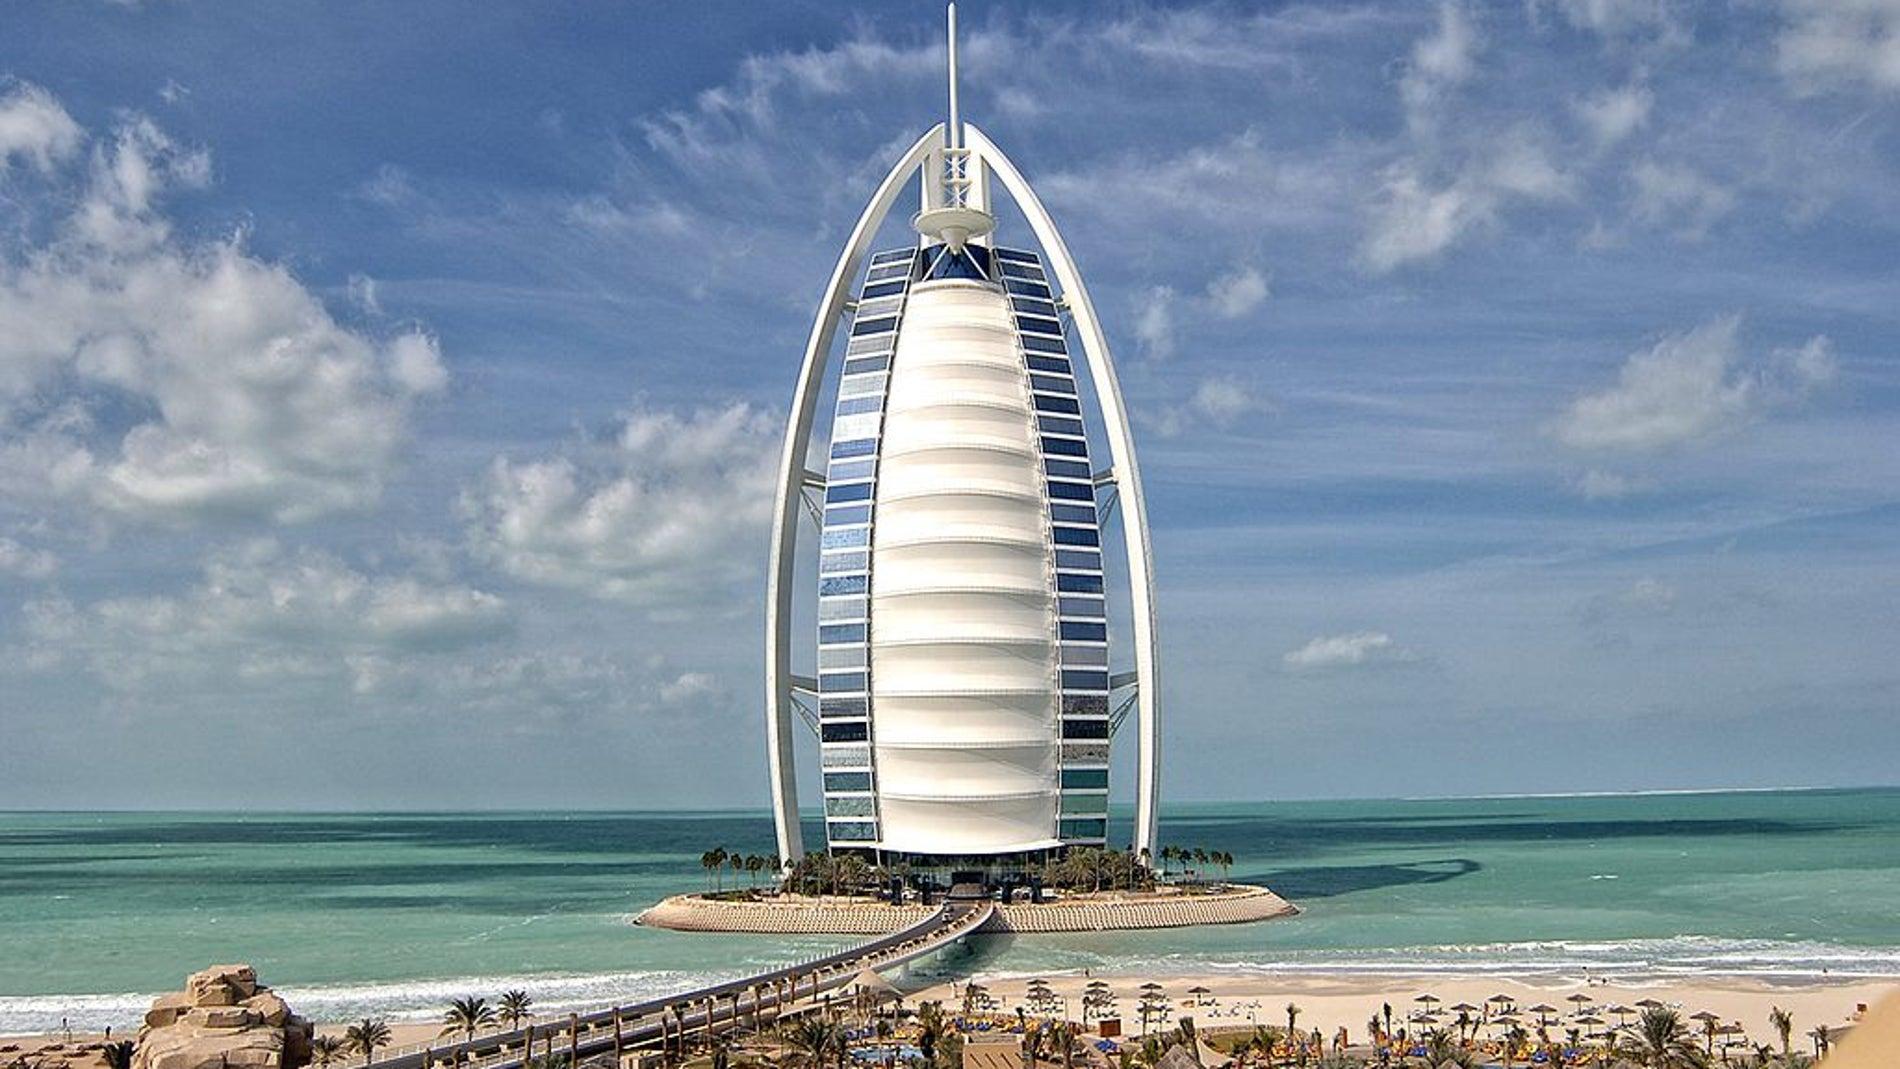 Burj al Arab, uno de los hoteles más altos de Dubái (EAU)